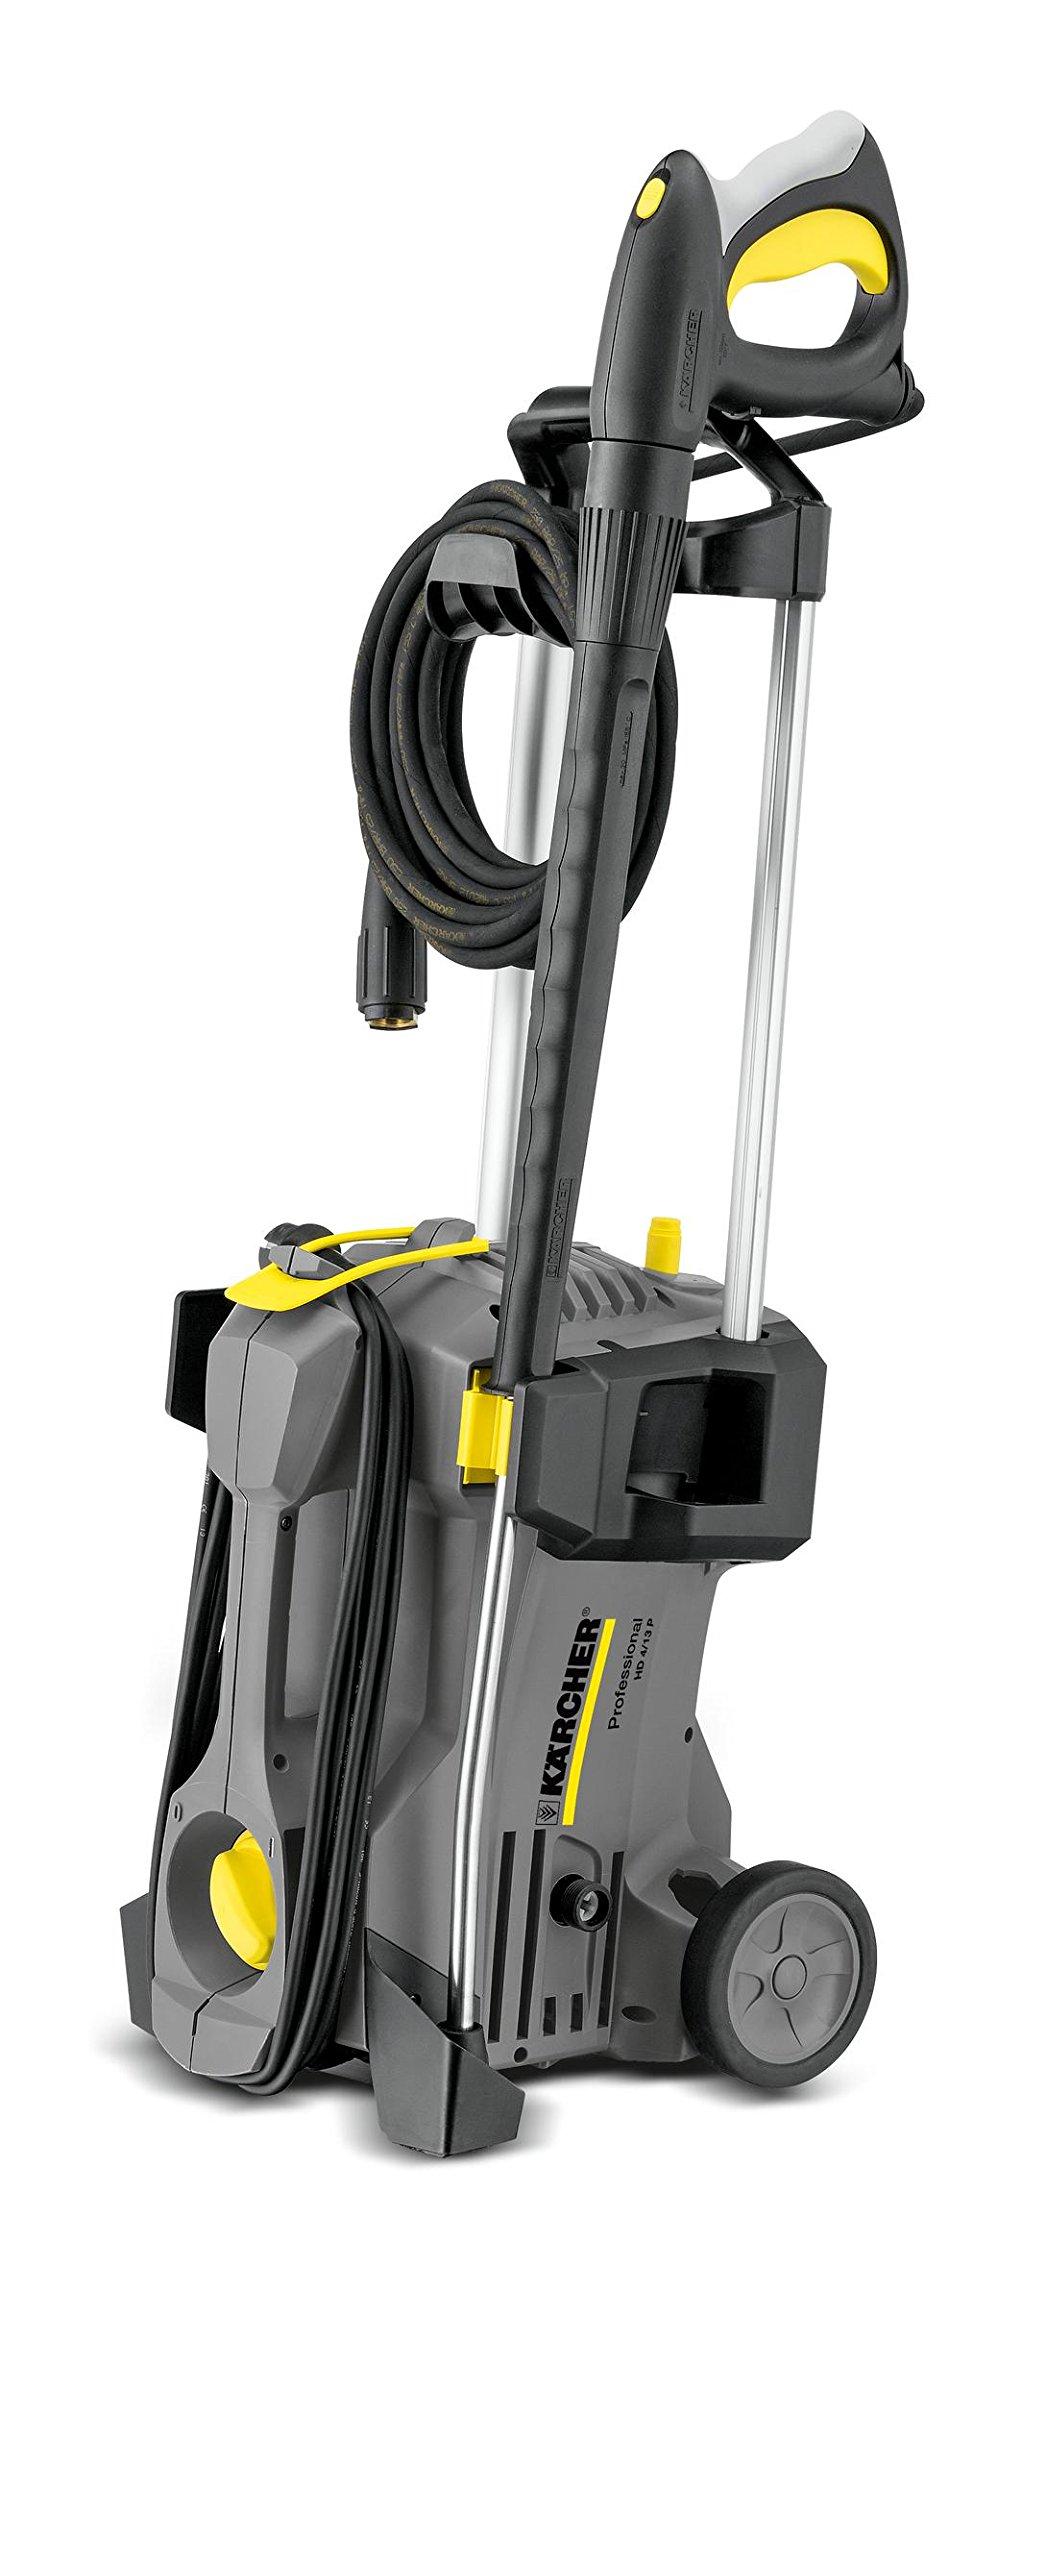 Krcher-HD-511-P-Plus-Reinigungstuch-Hohe-Druck-oder-Hochdruckreiniger-Hochdruckreiniger-5-m-110-bar-160-bar-2200-W-205-kg-351-mm